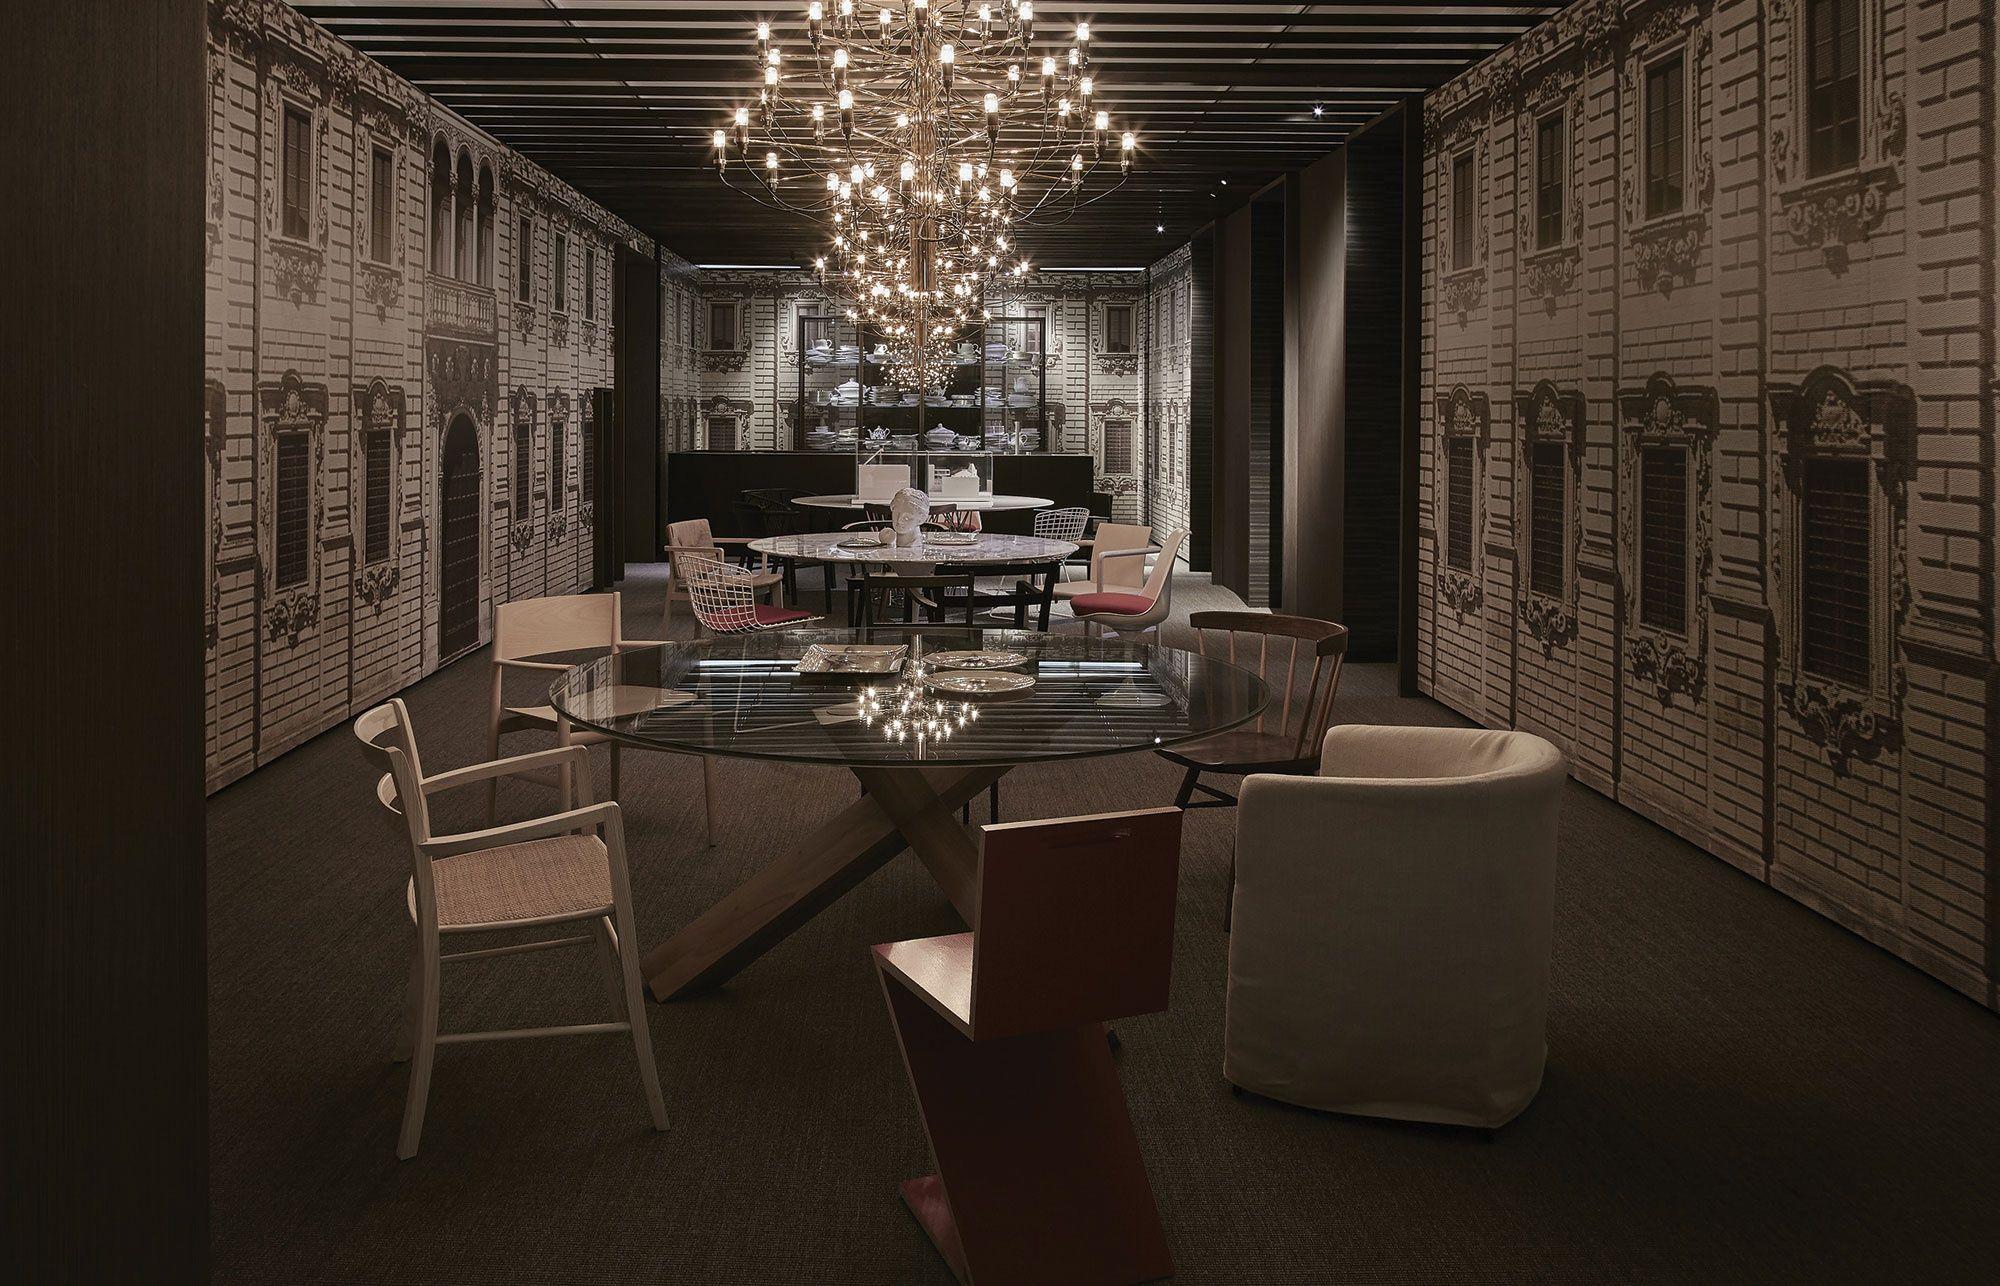 Lissoni Architettura - projects - Elle Decor - Hôtel Particulier